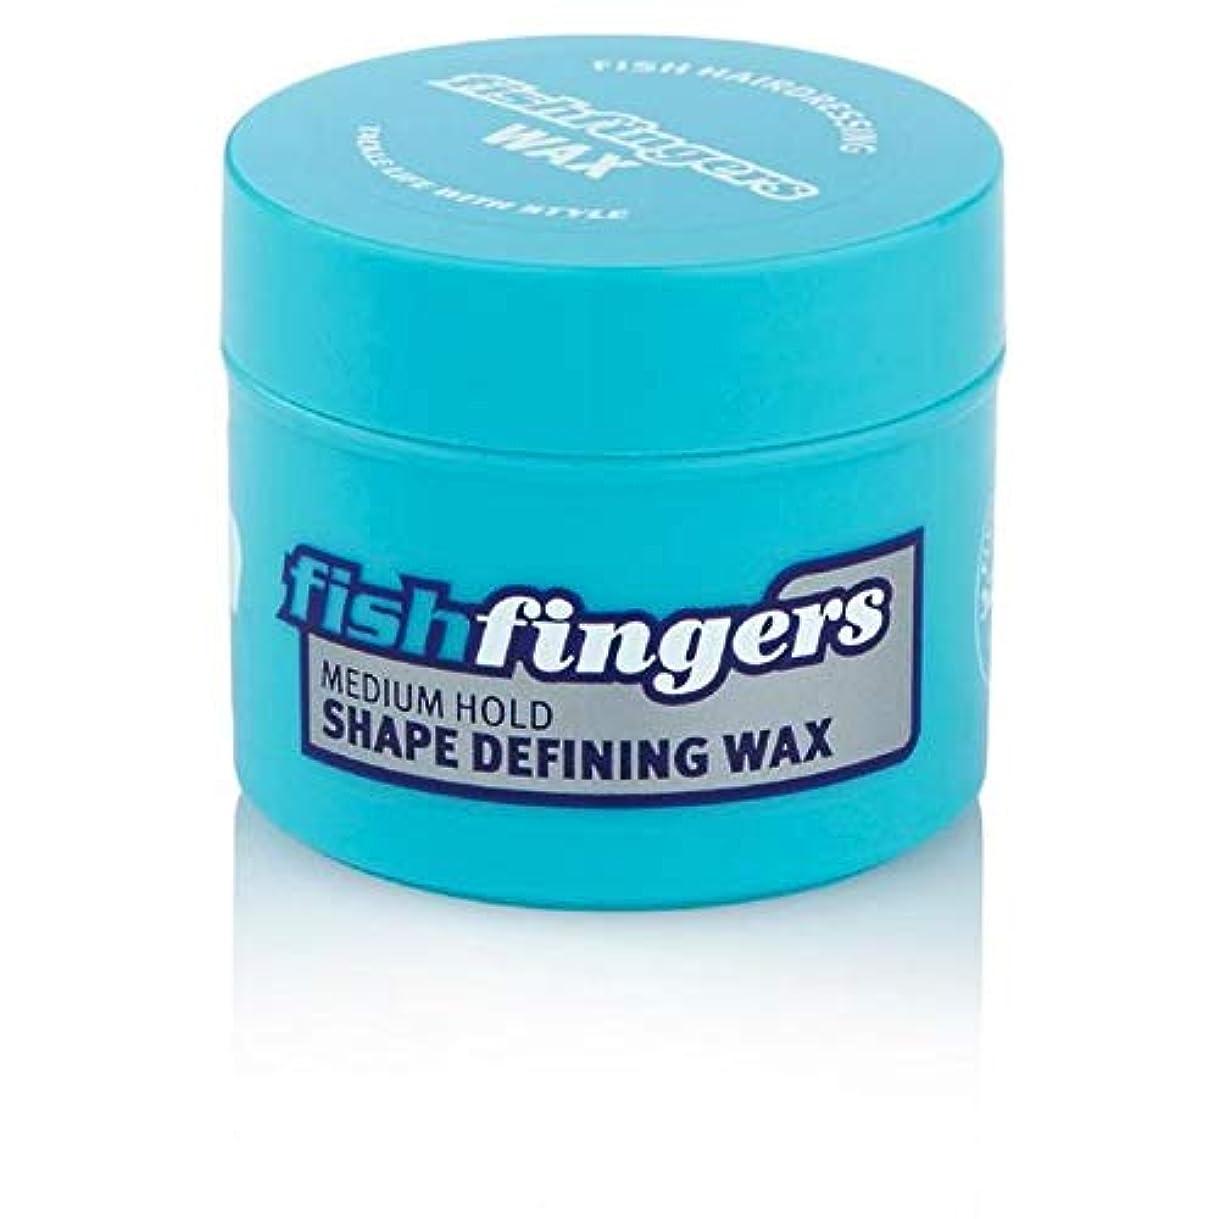 抜本的な区画賞[Fish ] 魚本来のFishfingersのヘアワックスミニ25ミリリットル - Fish Original Fishfingers Hair Wax Mini 25ml [並行輸入品]